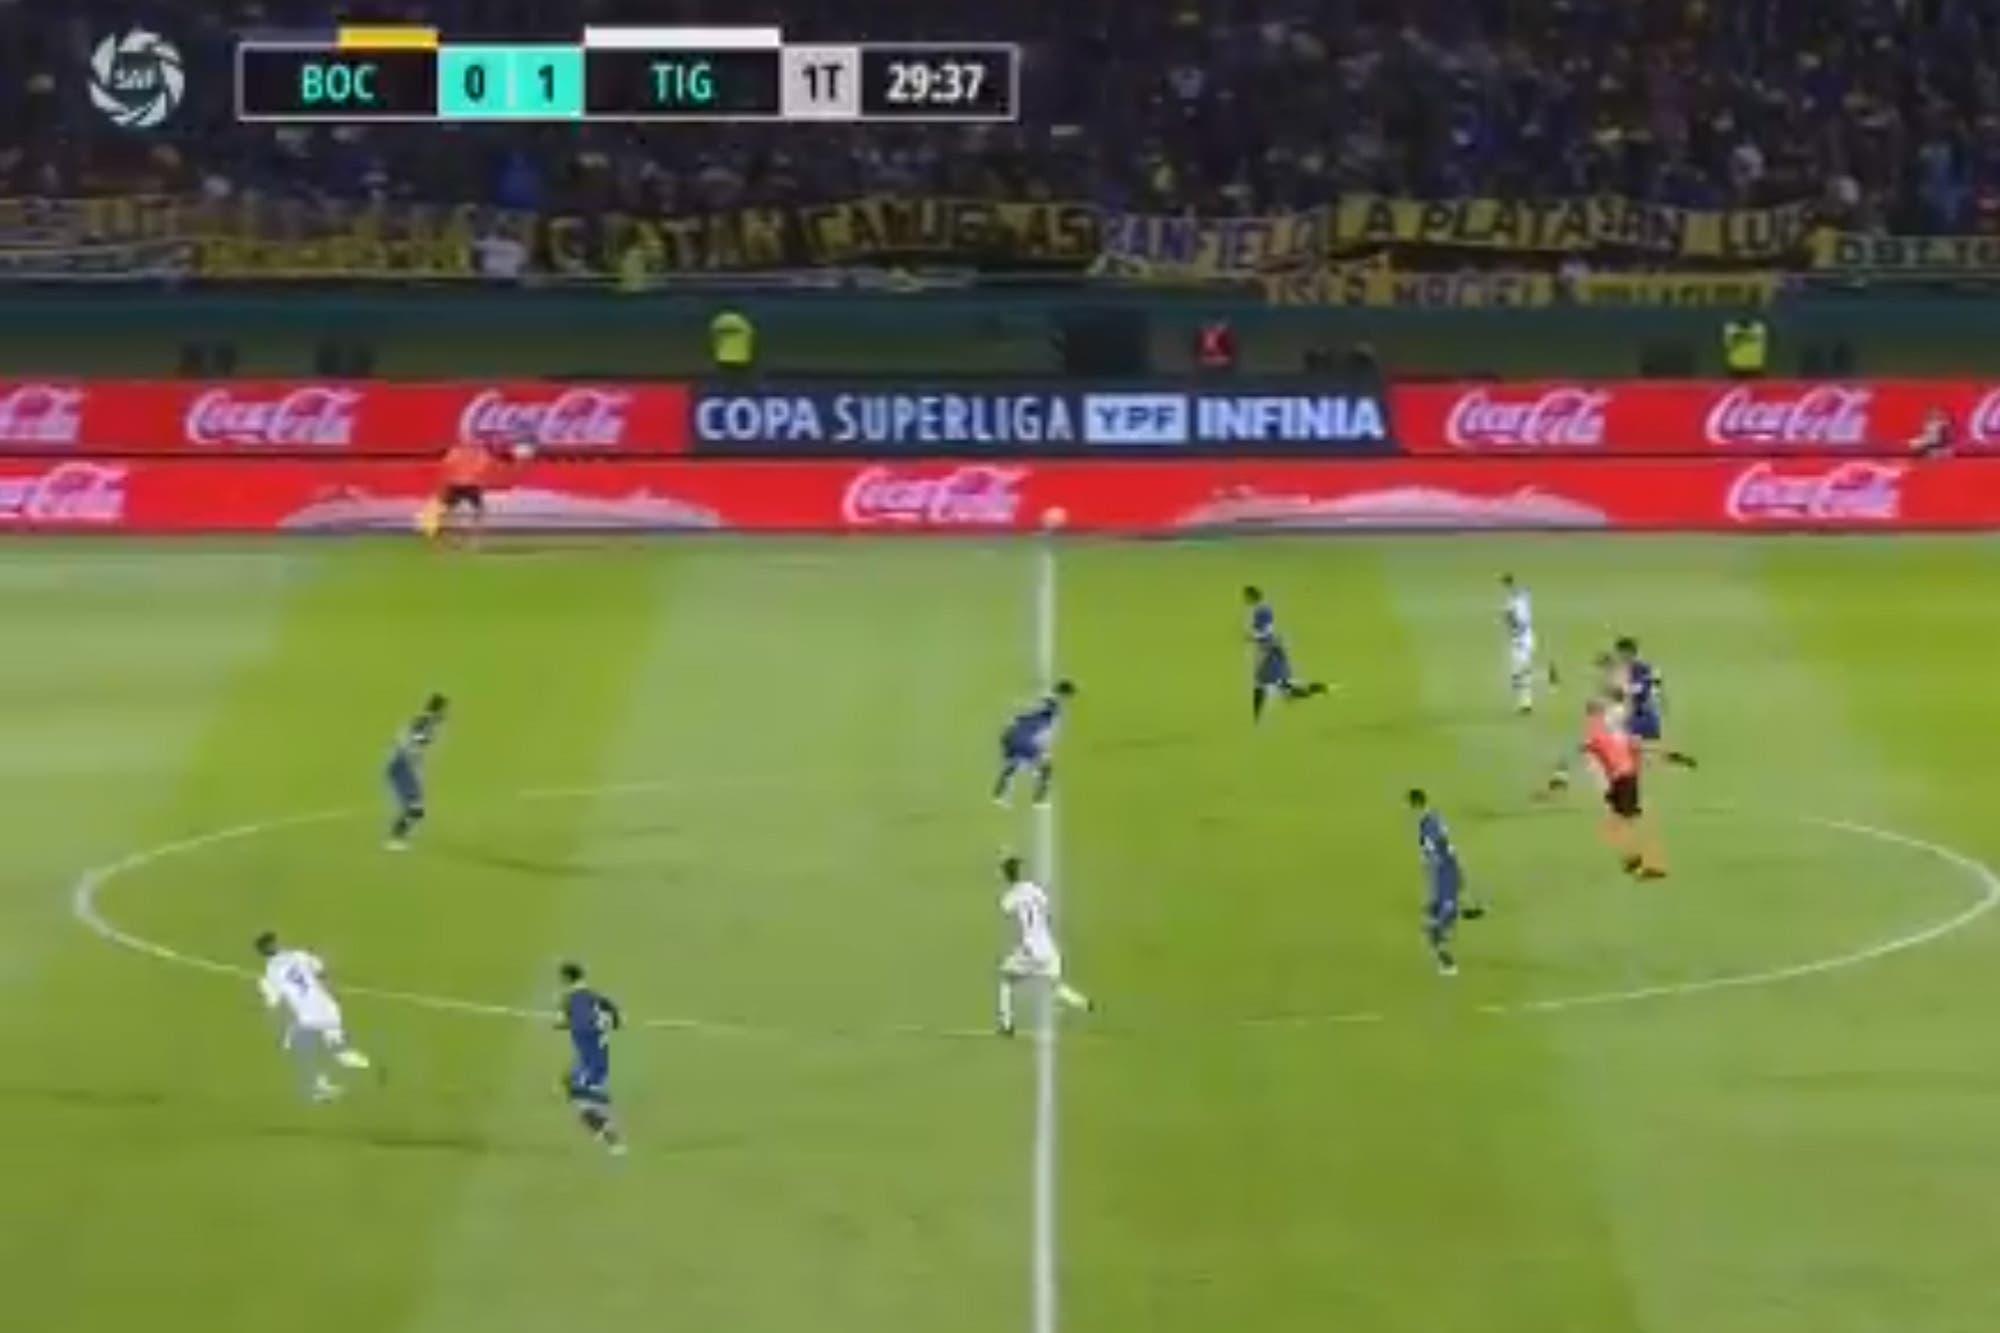 La actuación de Pitana: la dura entrada de Montillo sin sanción y el penal contra Boca